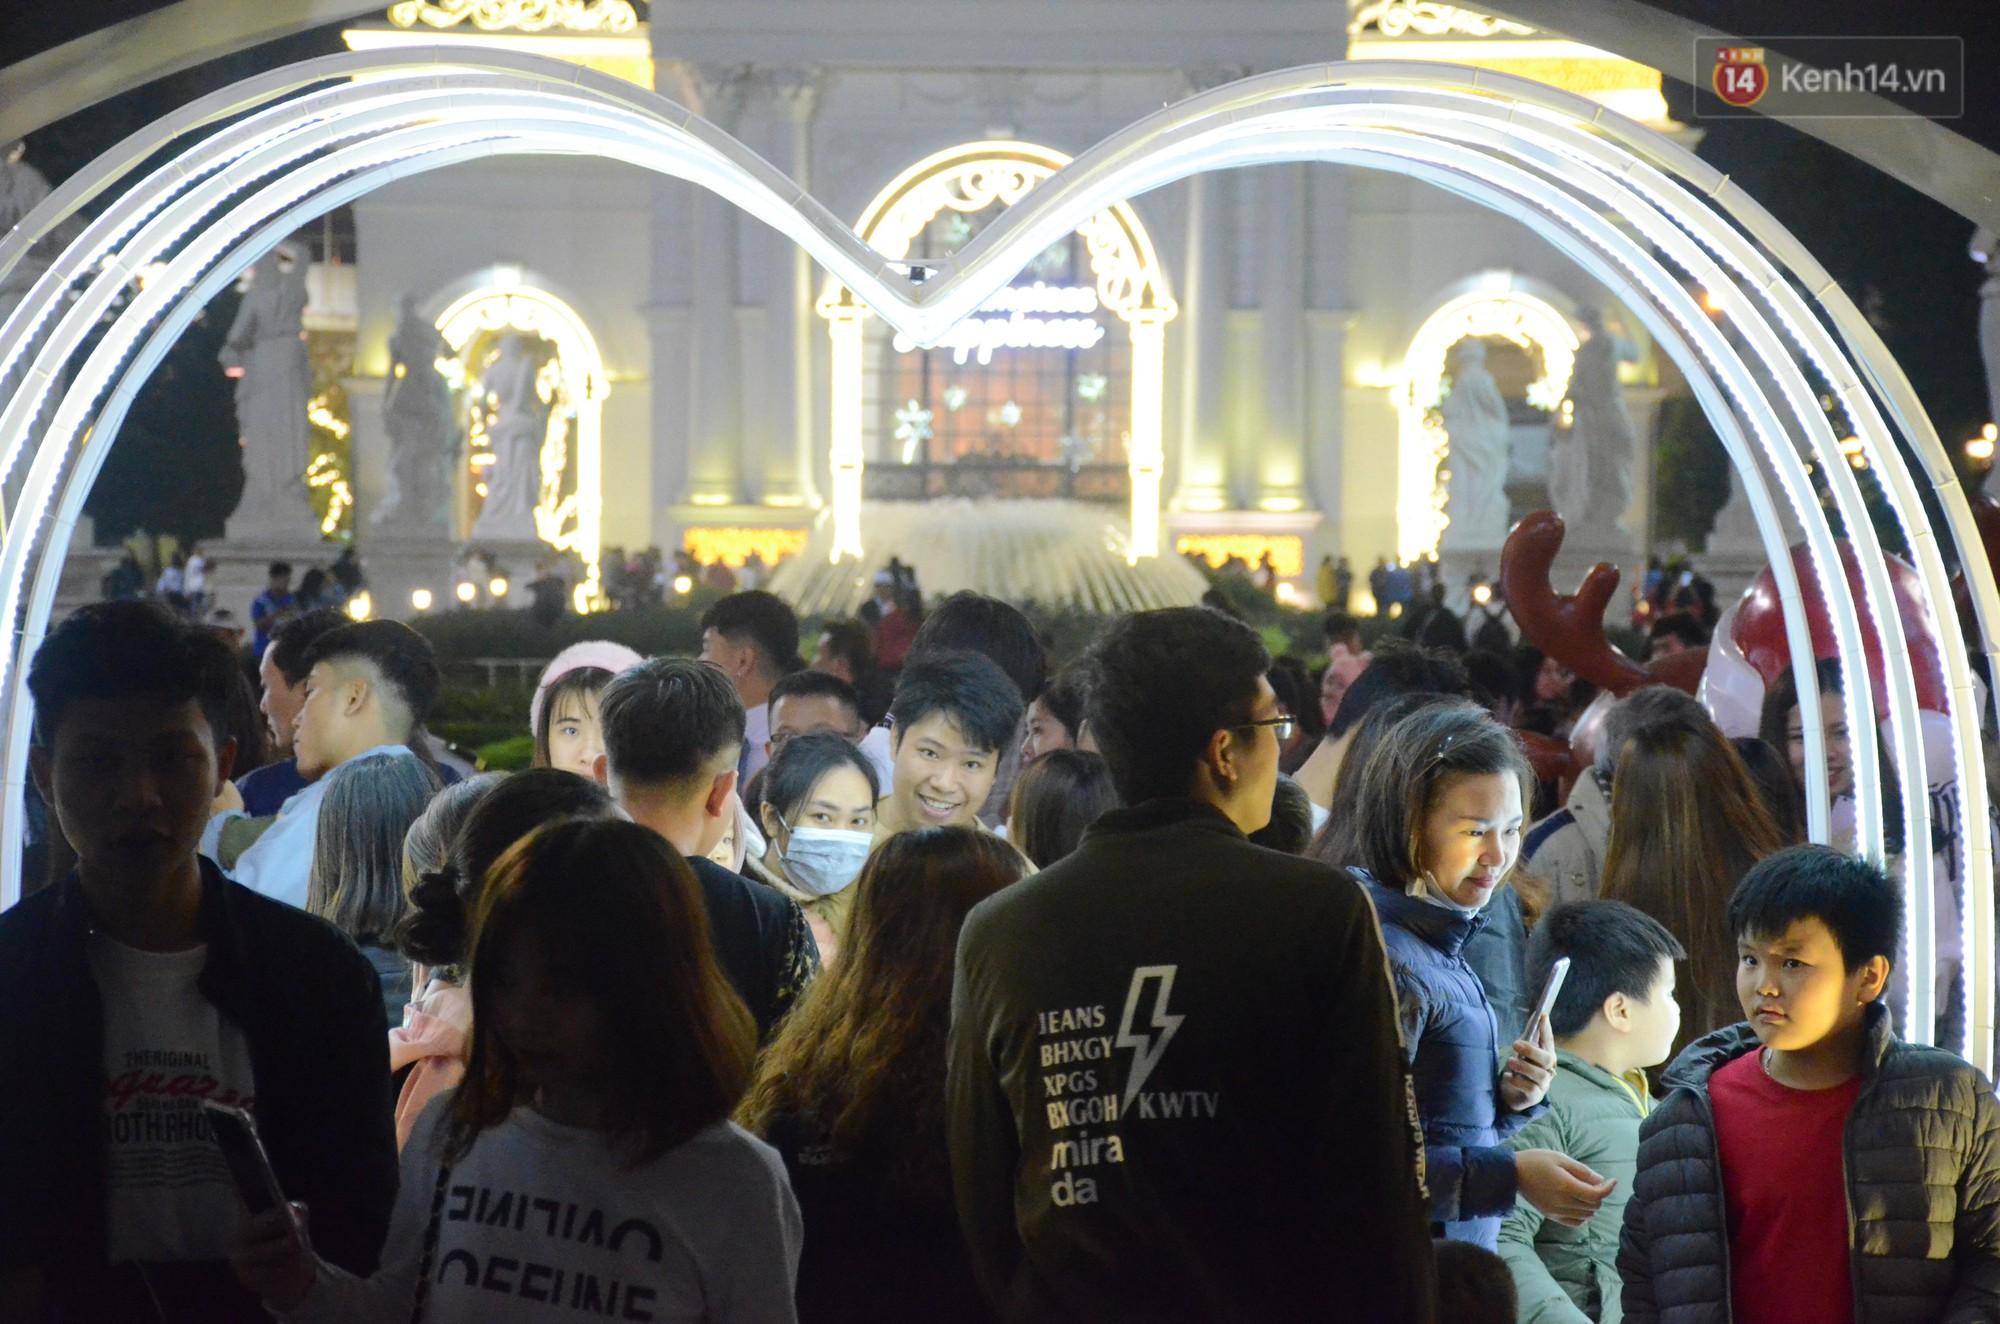 Người dân Hà Nội, Sài Gòn và Đà Nẵng nô nức xuống đường, khắp phố phường khoác lên mình tấm áo Giáng sinh đầy màu sắc - Ảnh 2.